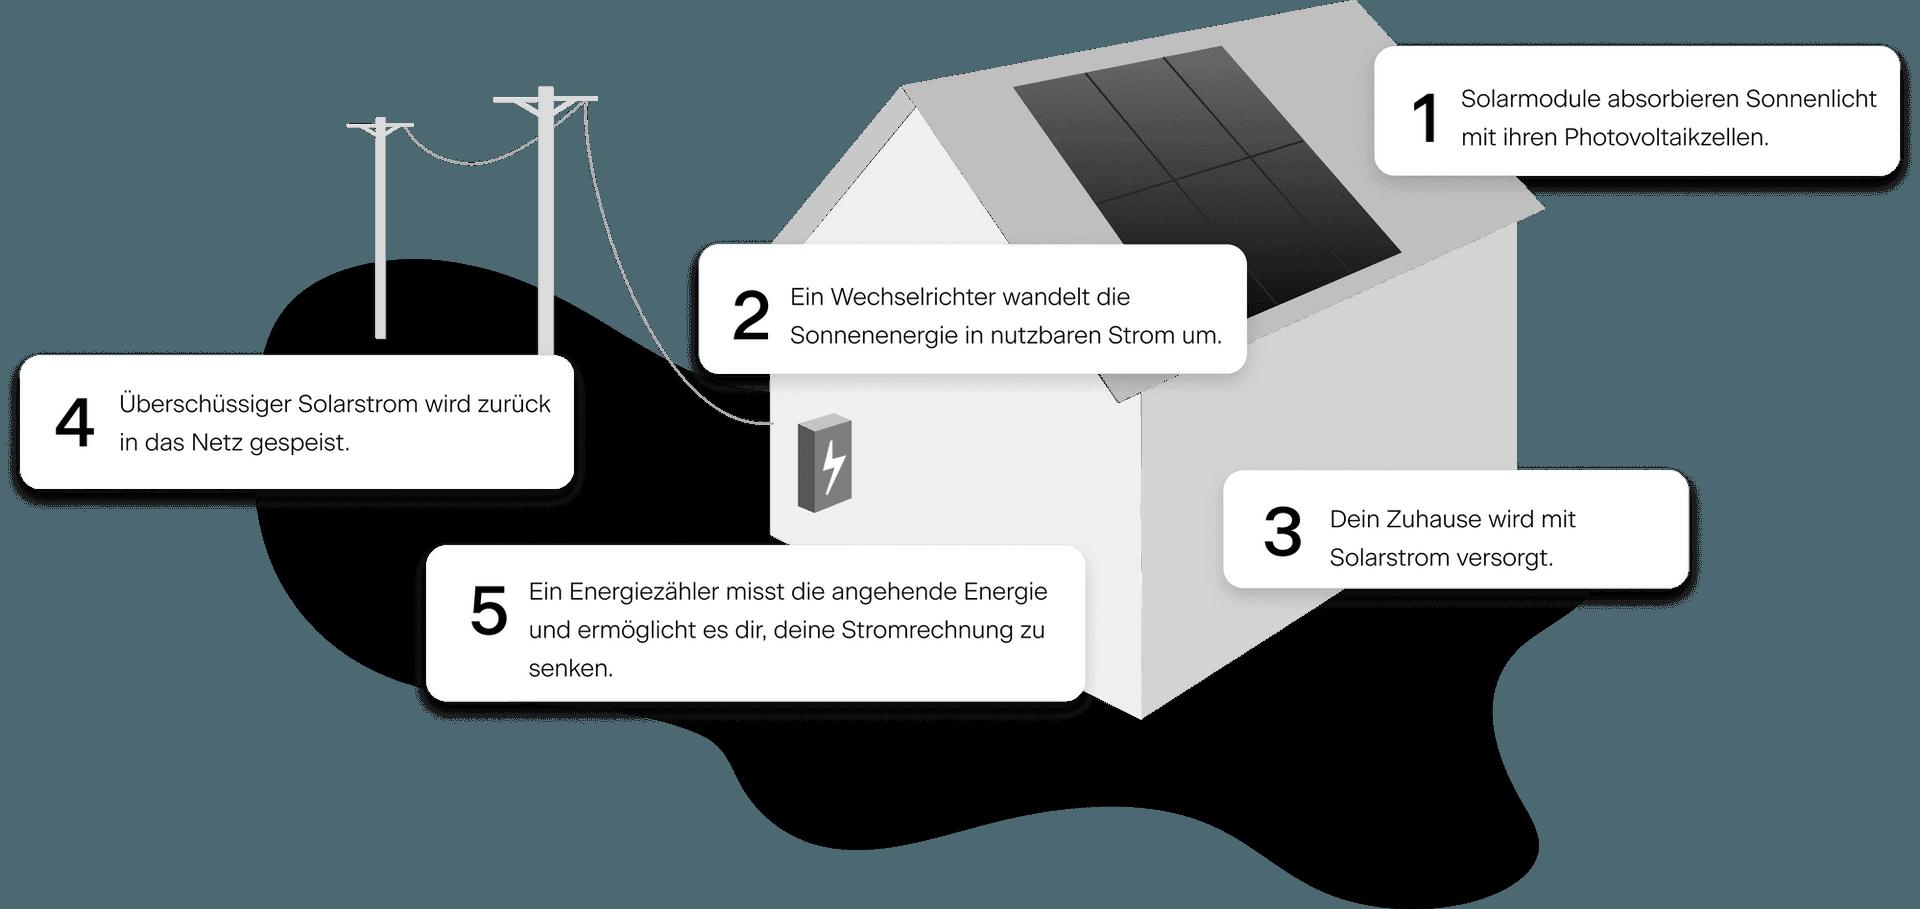 Wie funktionieren Photovoltaikanlagen?